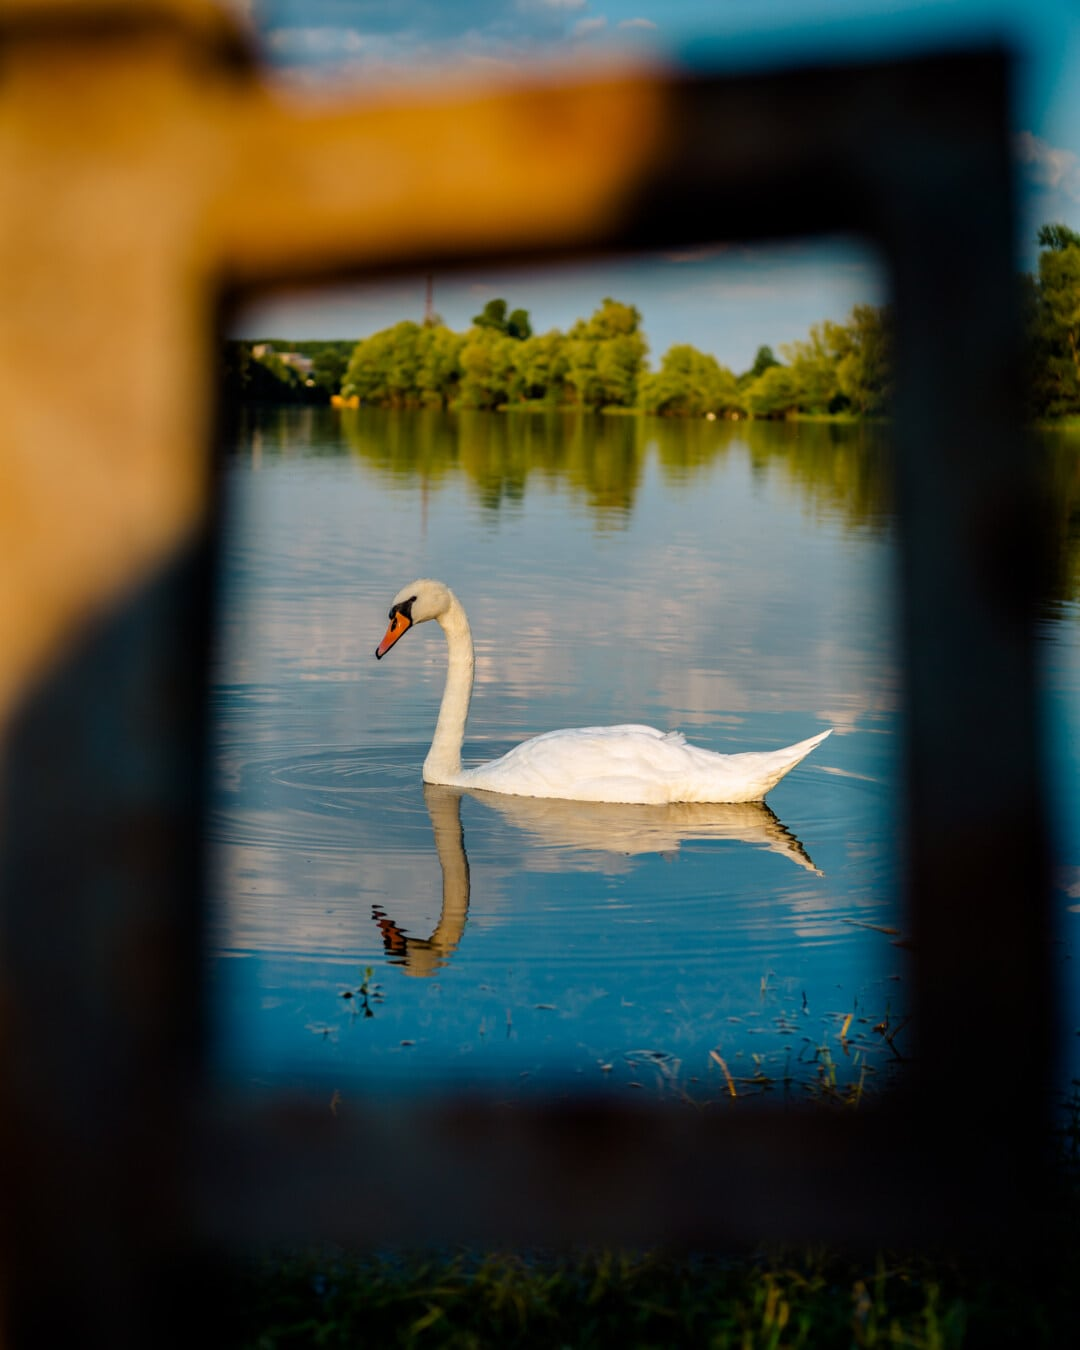 Vogel, Schwan, junge, Wasser, Tierwelt, Reflexion, waten Vogel, Natur, See, im freien